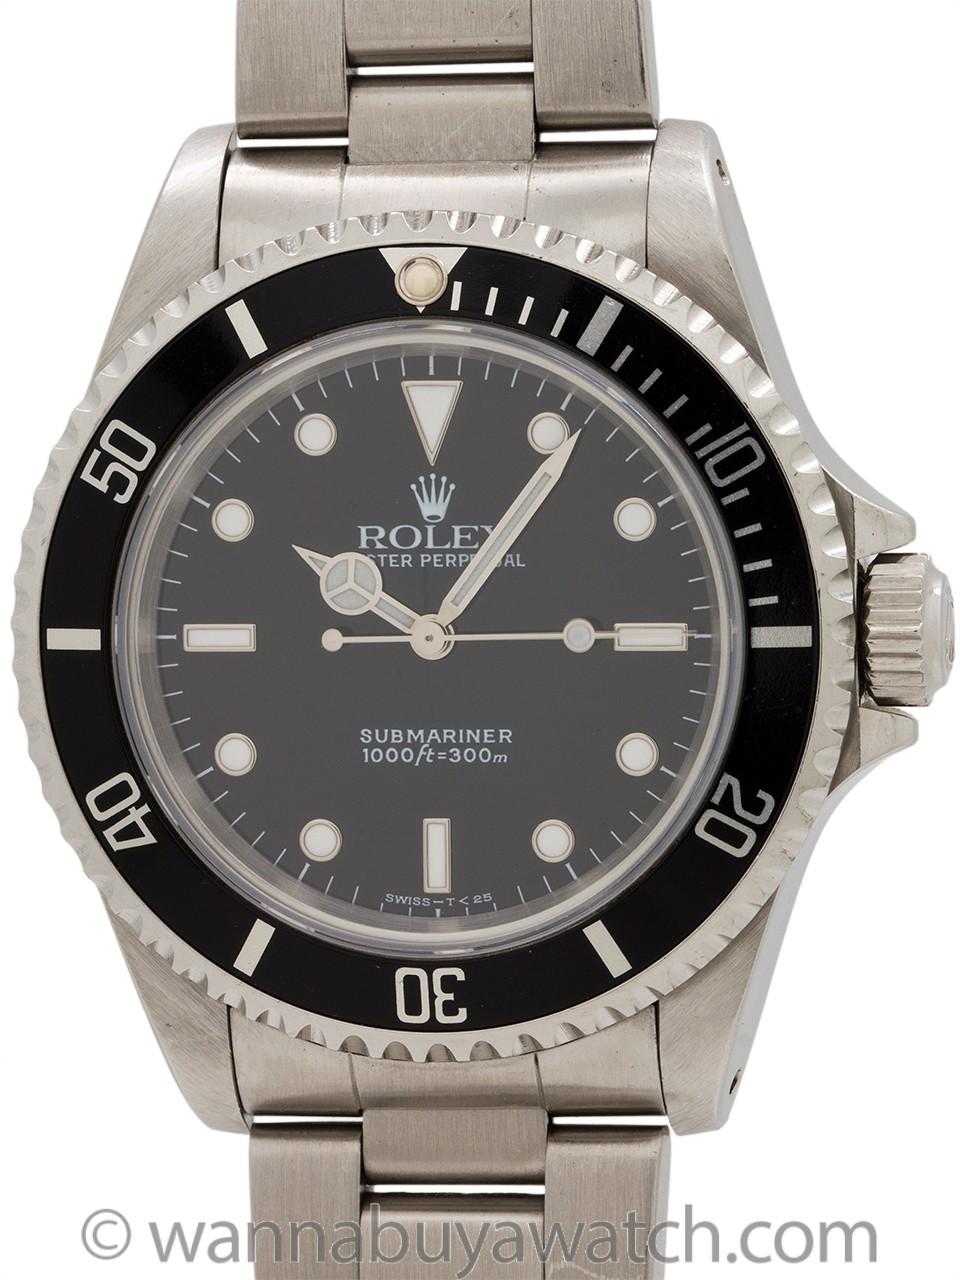 Rolex Submariner ref 14060 Tritium circa 1997 B & P